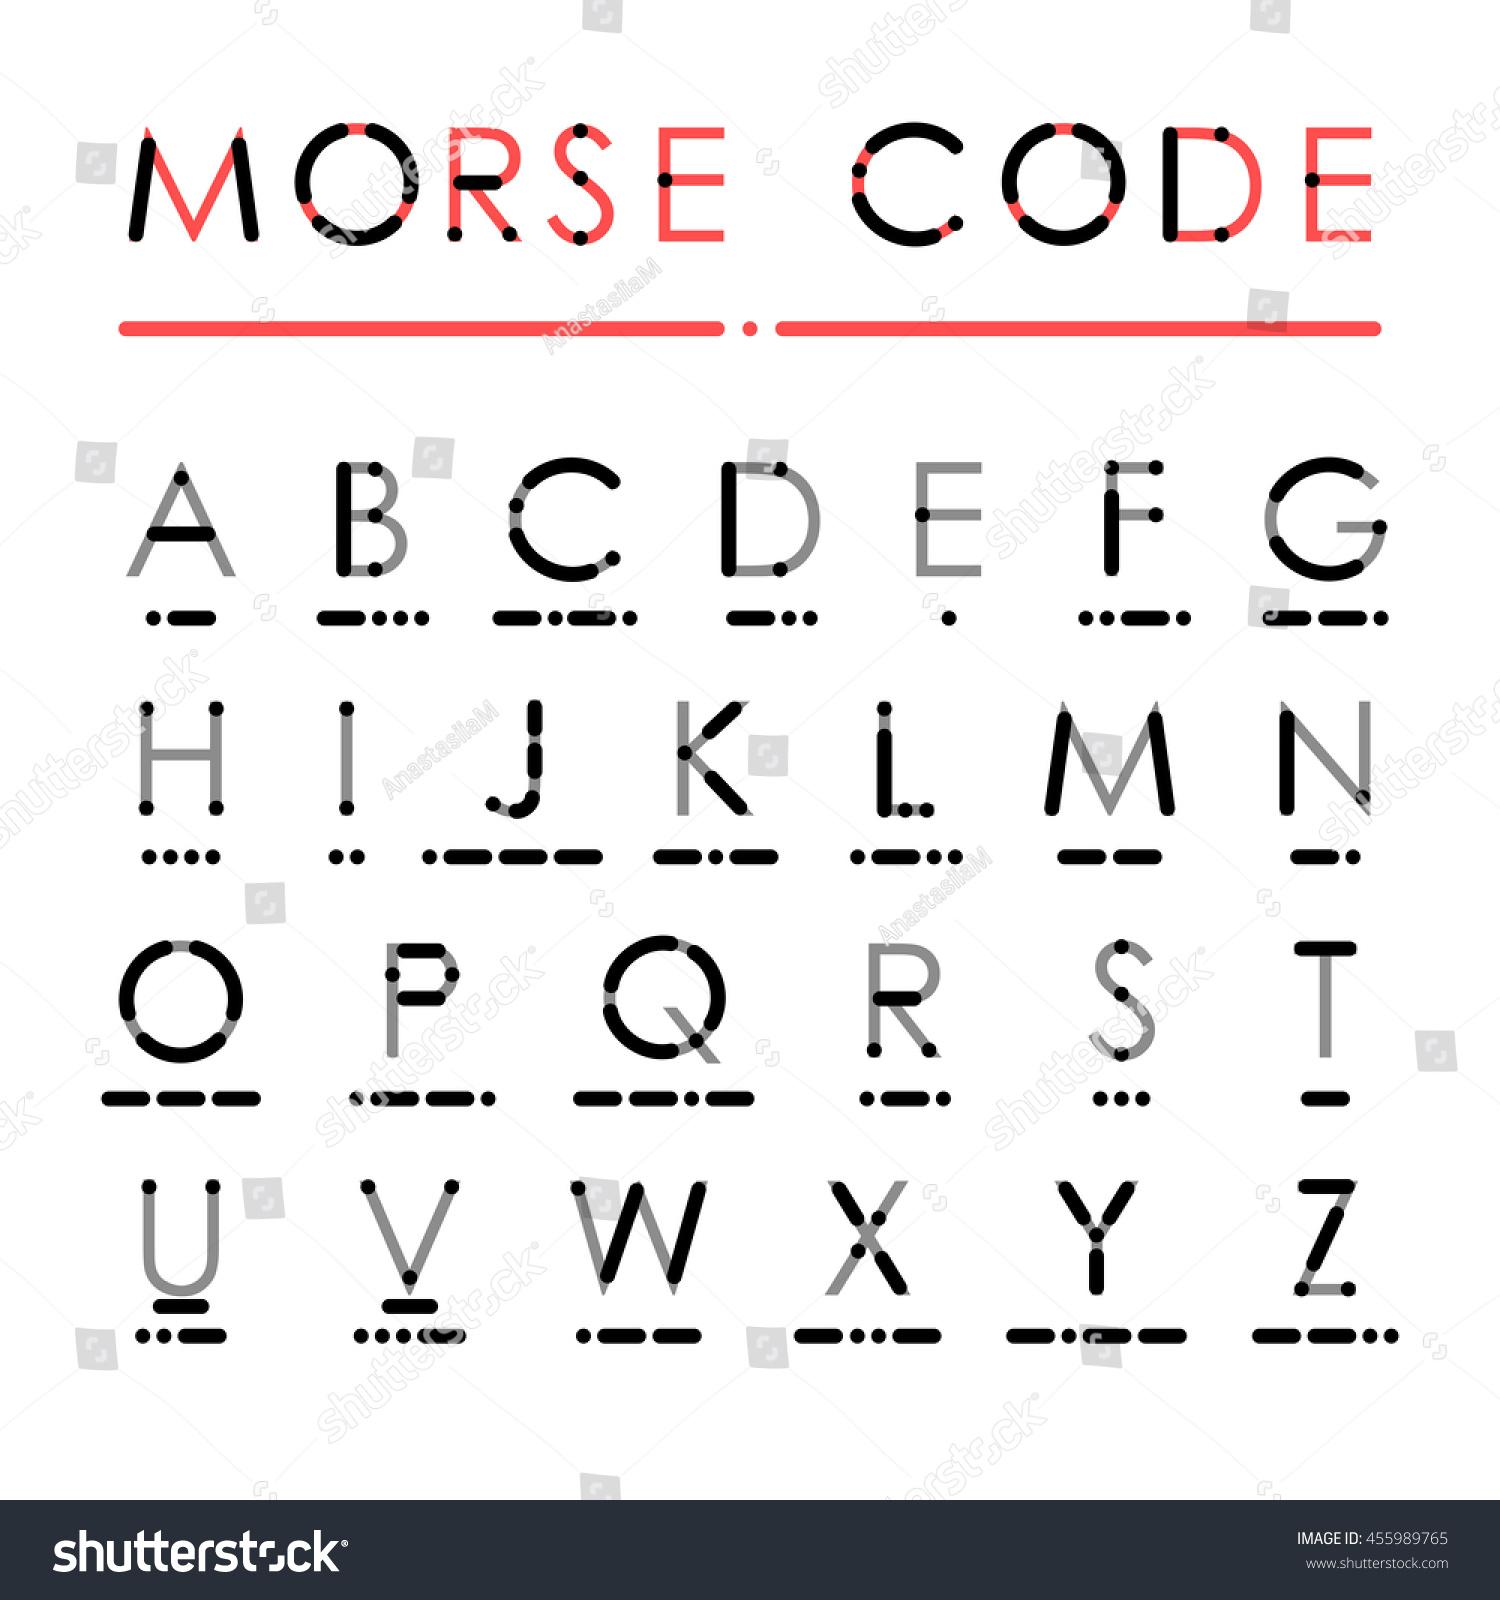 Latin alphabet international morse code visual stock illustration latin alphabet in international morse code visual presentation of use dots and dashes for easy buycottarizona Choice Image